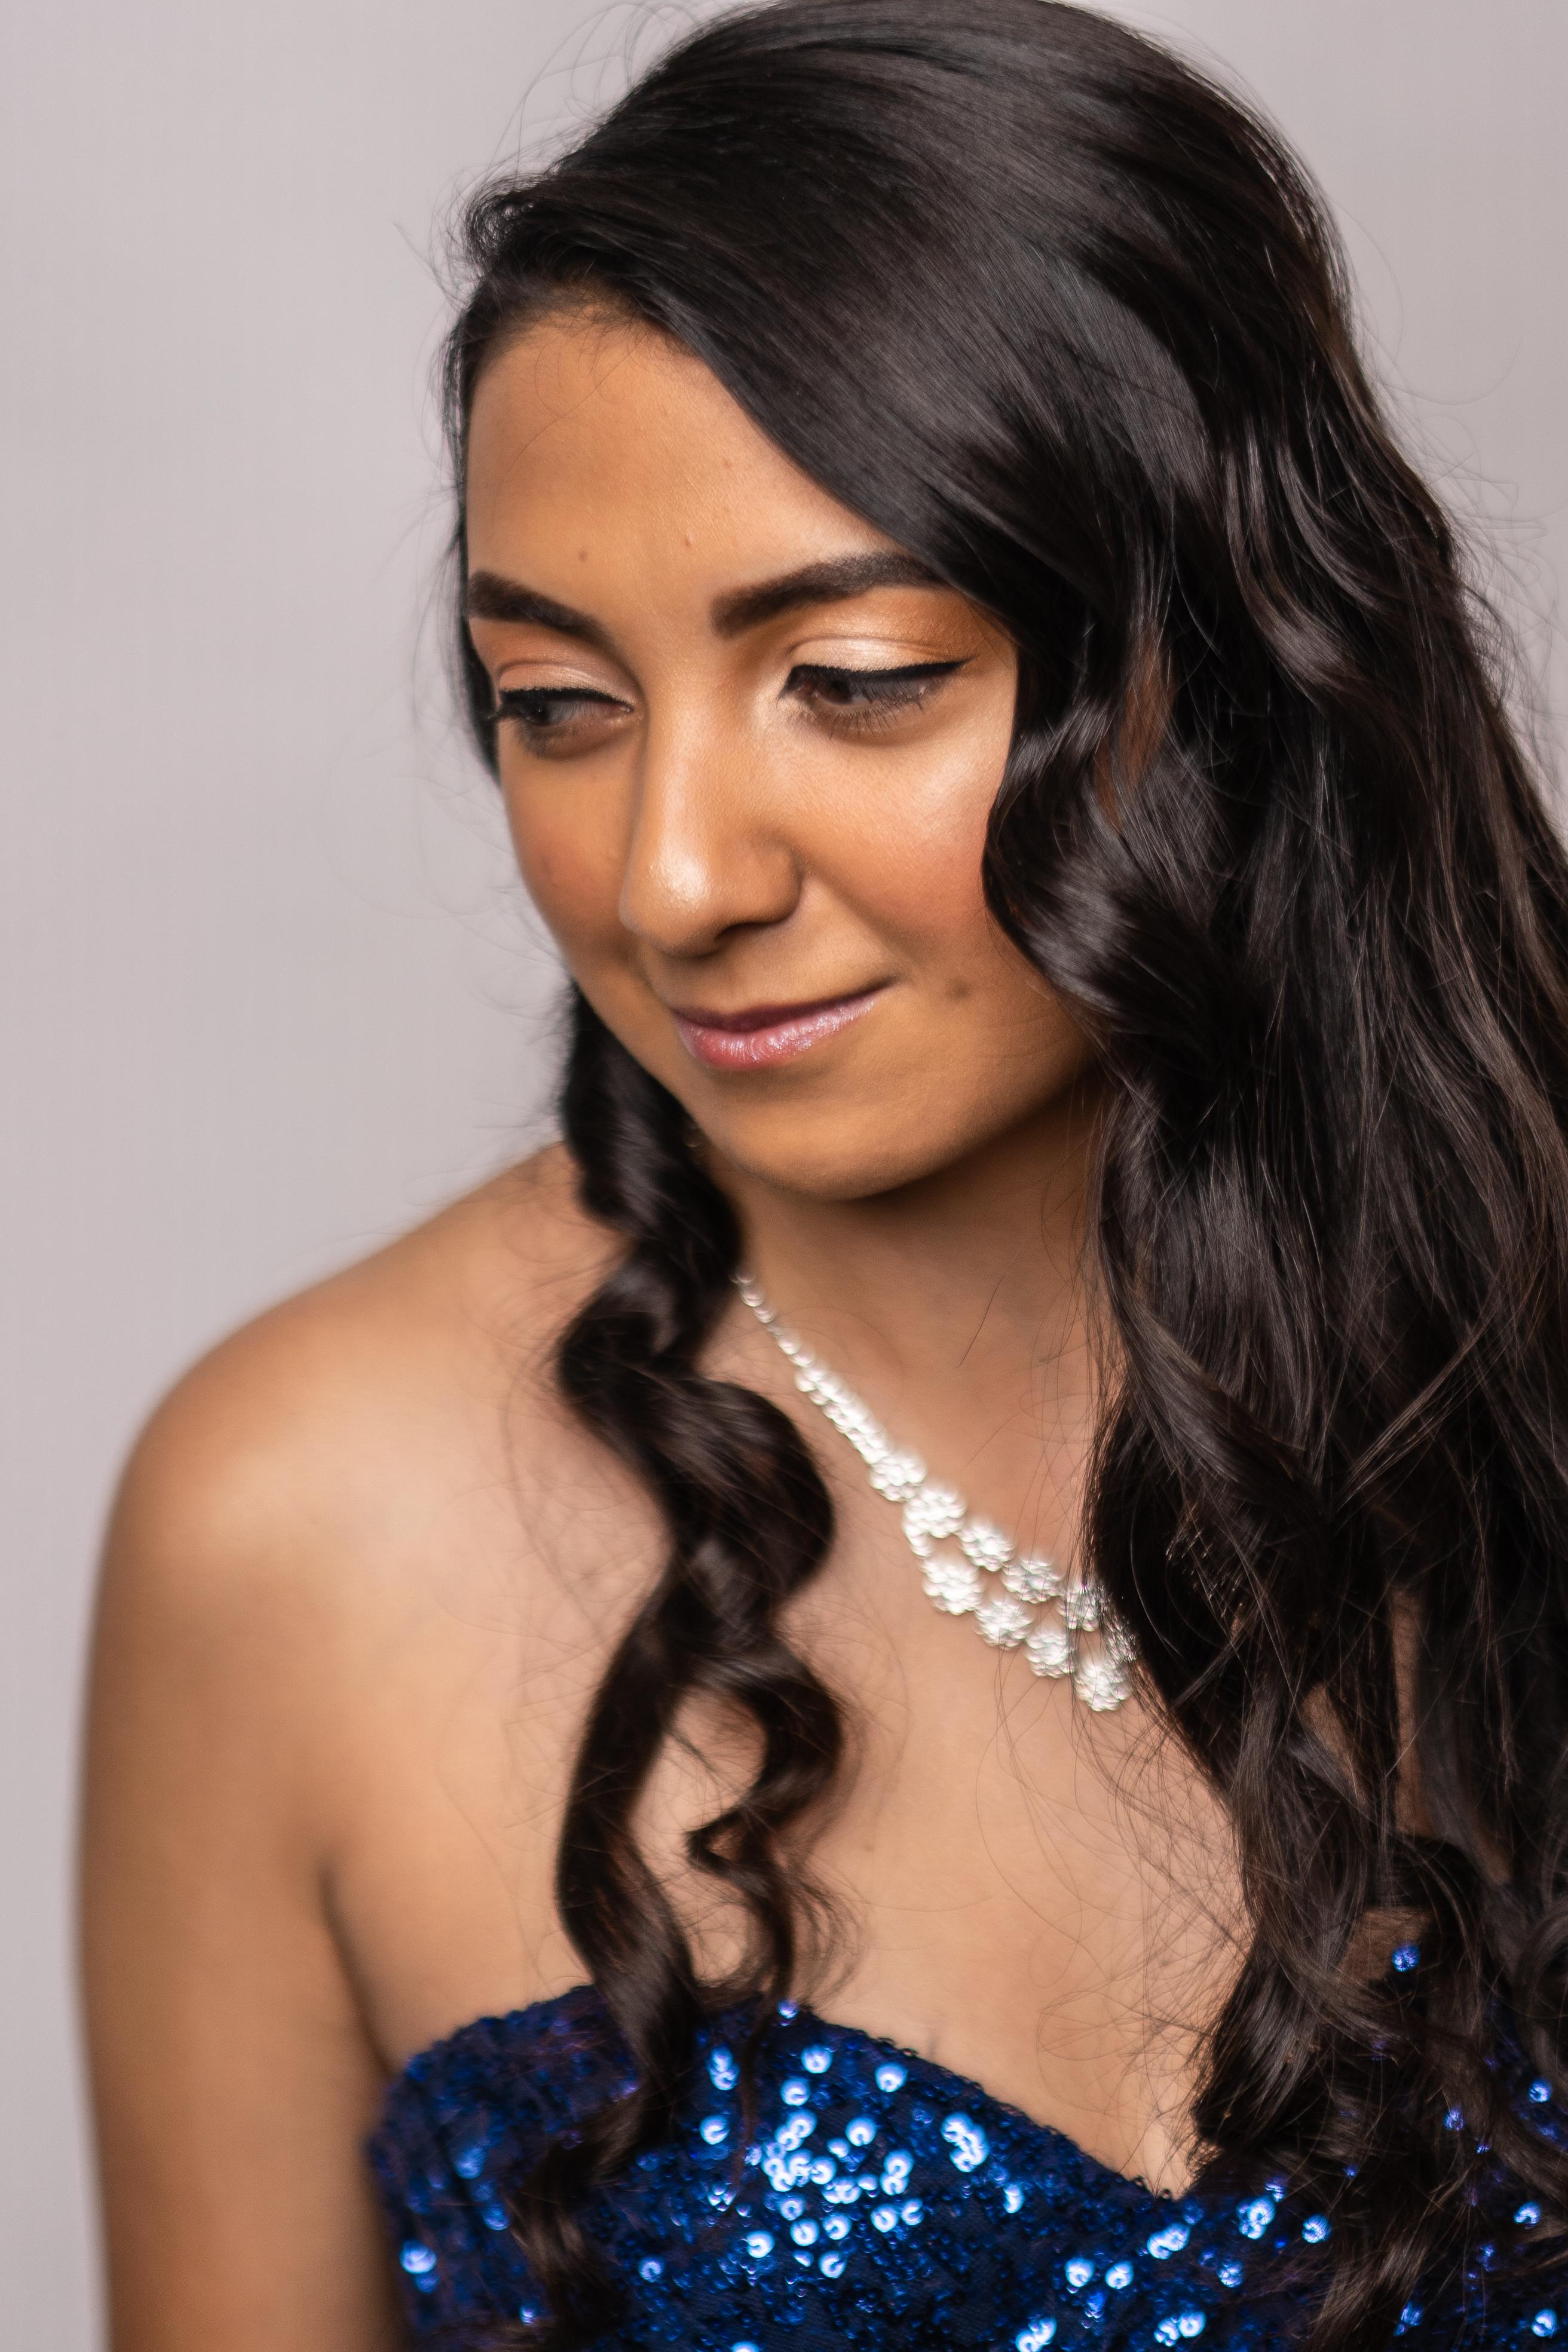 Amanda Prom 6